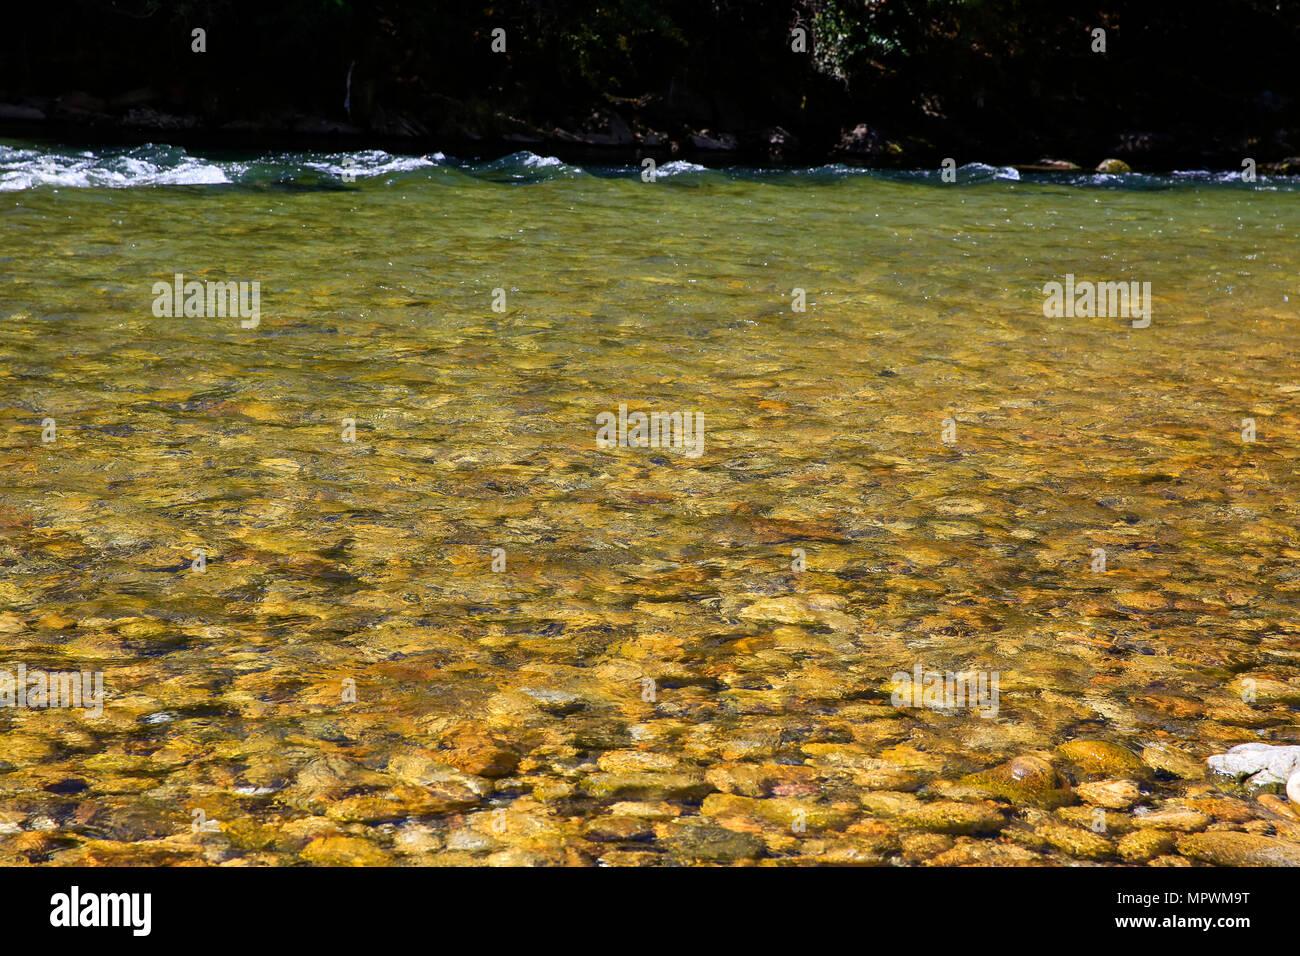 Cristal de l'eau claire de la rivière paro paro Chhu. Paro, Bhoutan Photo Stock